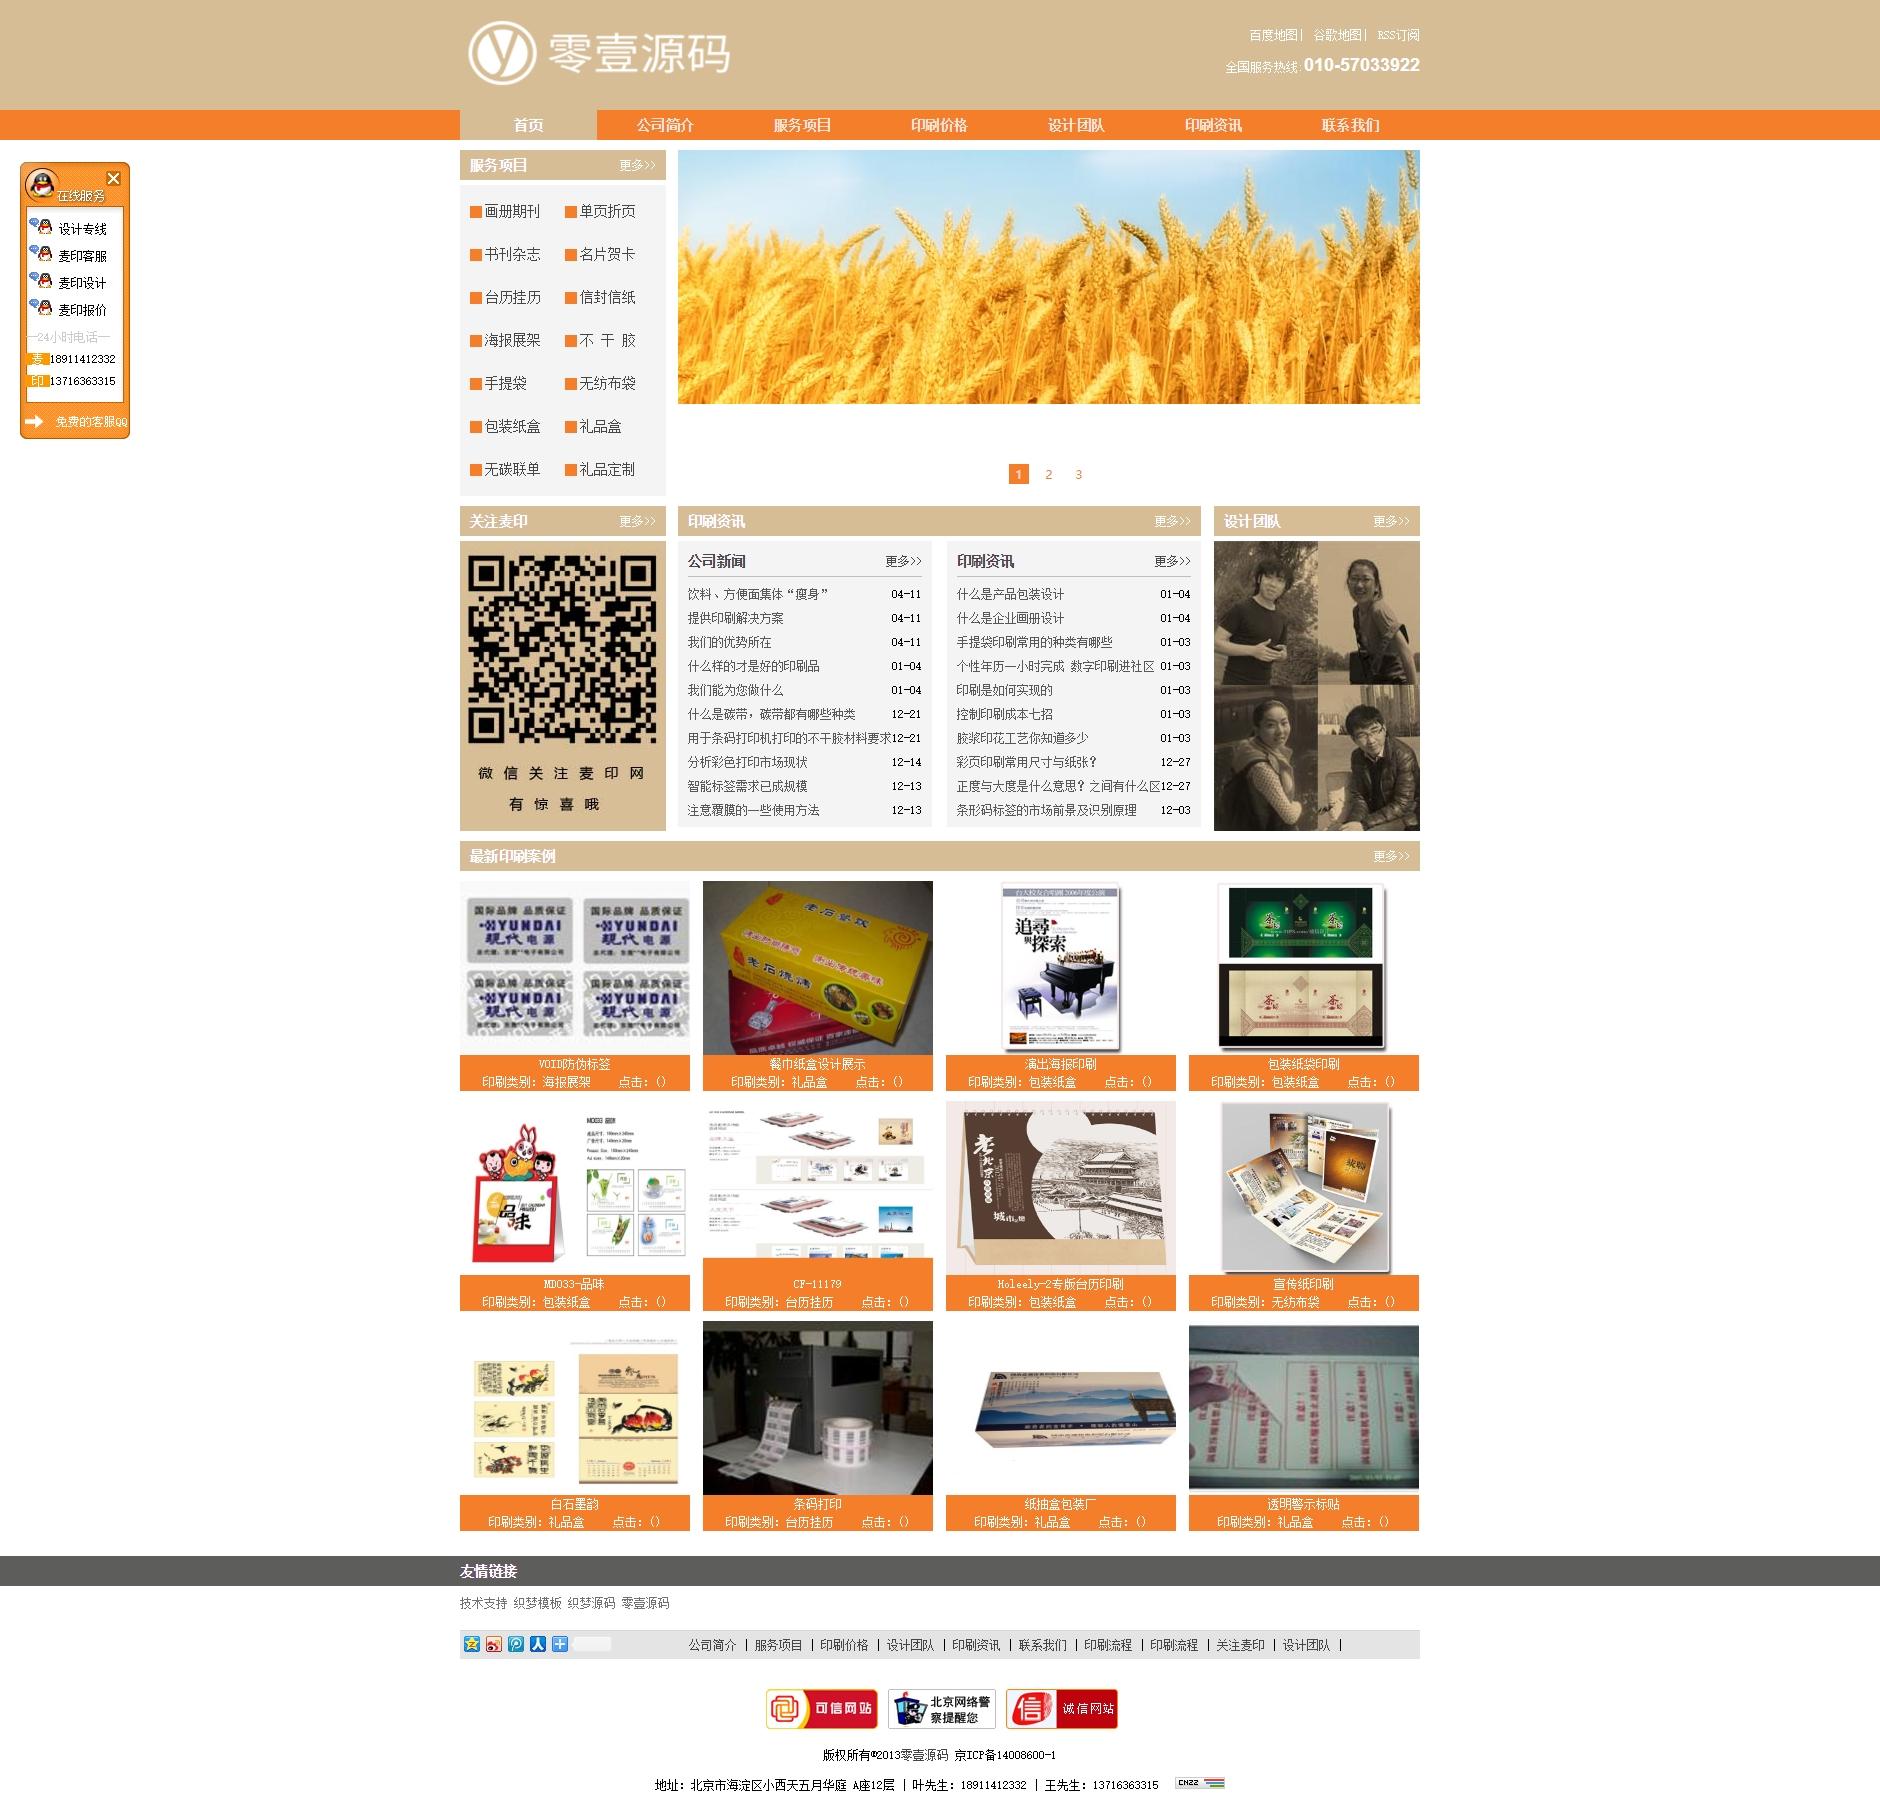 广告印刷产品包装类企业公司织梦dedecms模板